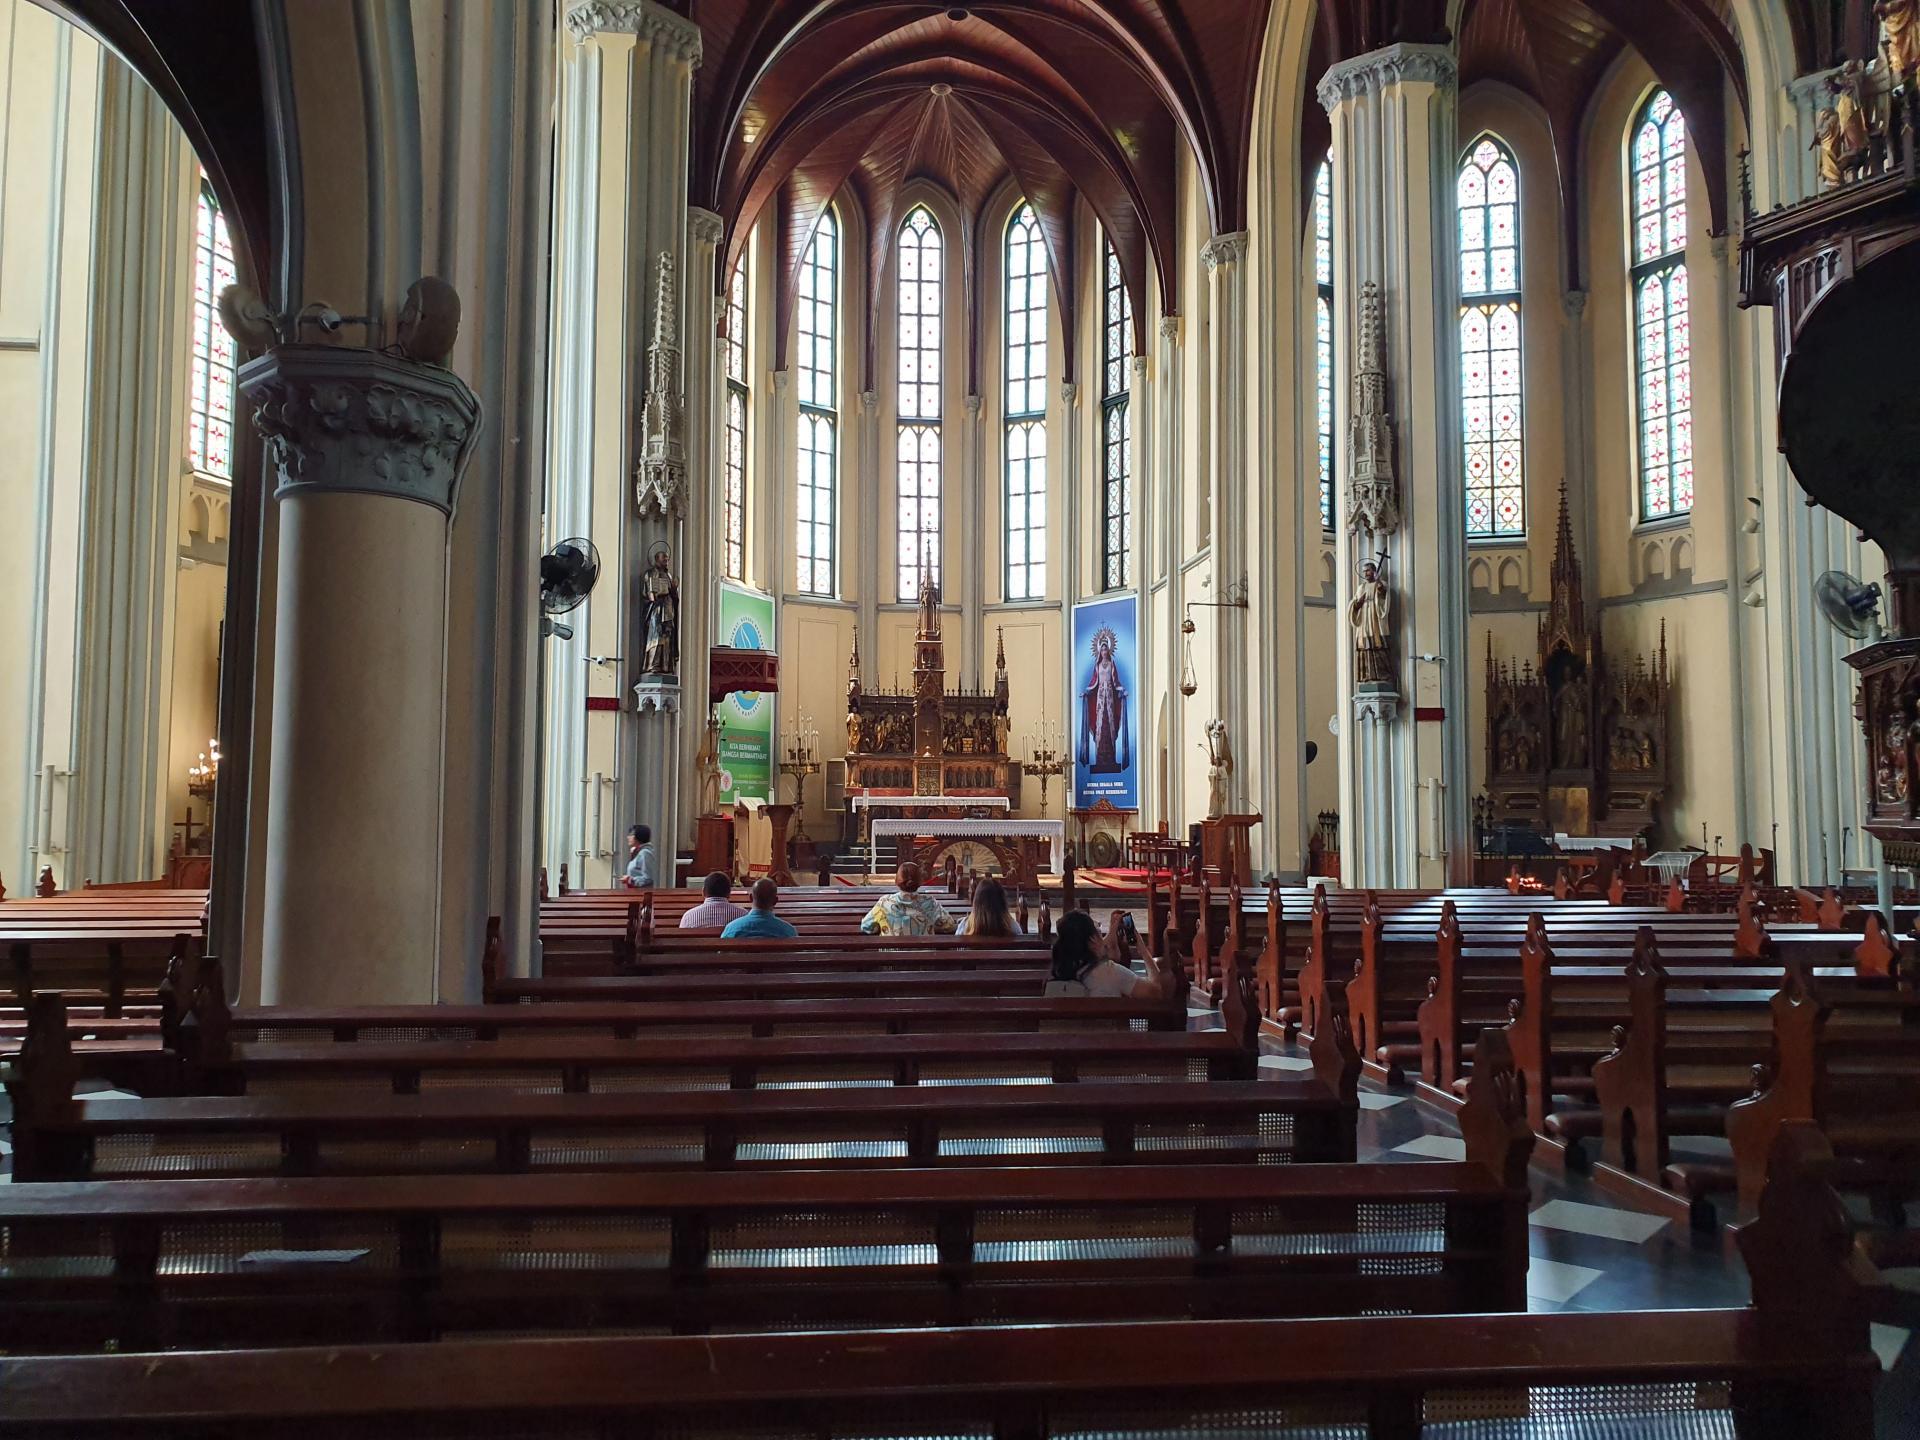 внутри кафедрального собора Джакарты